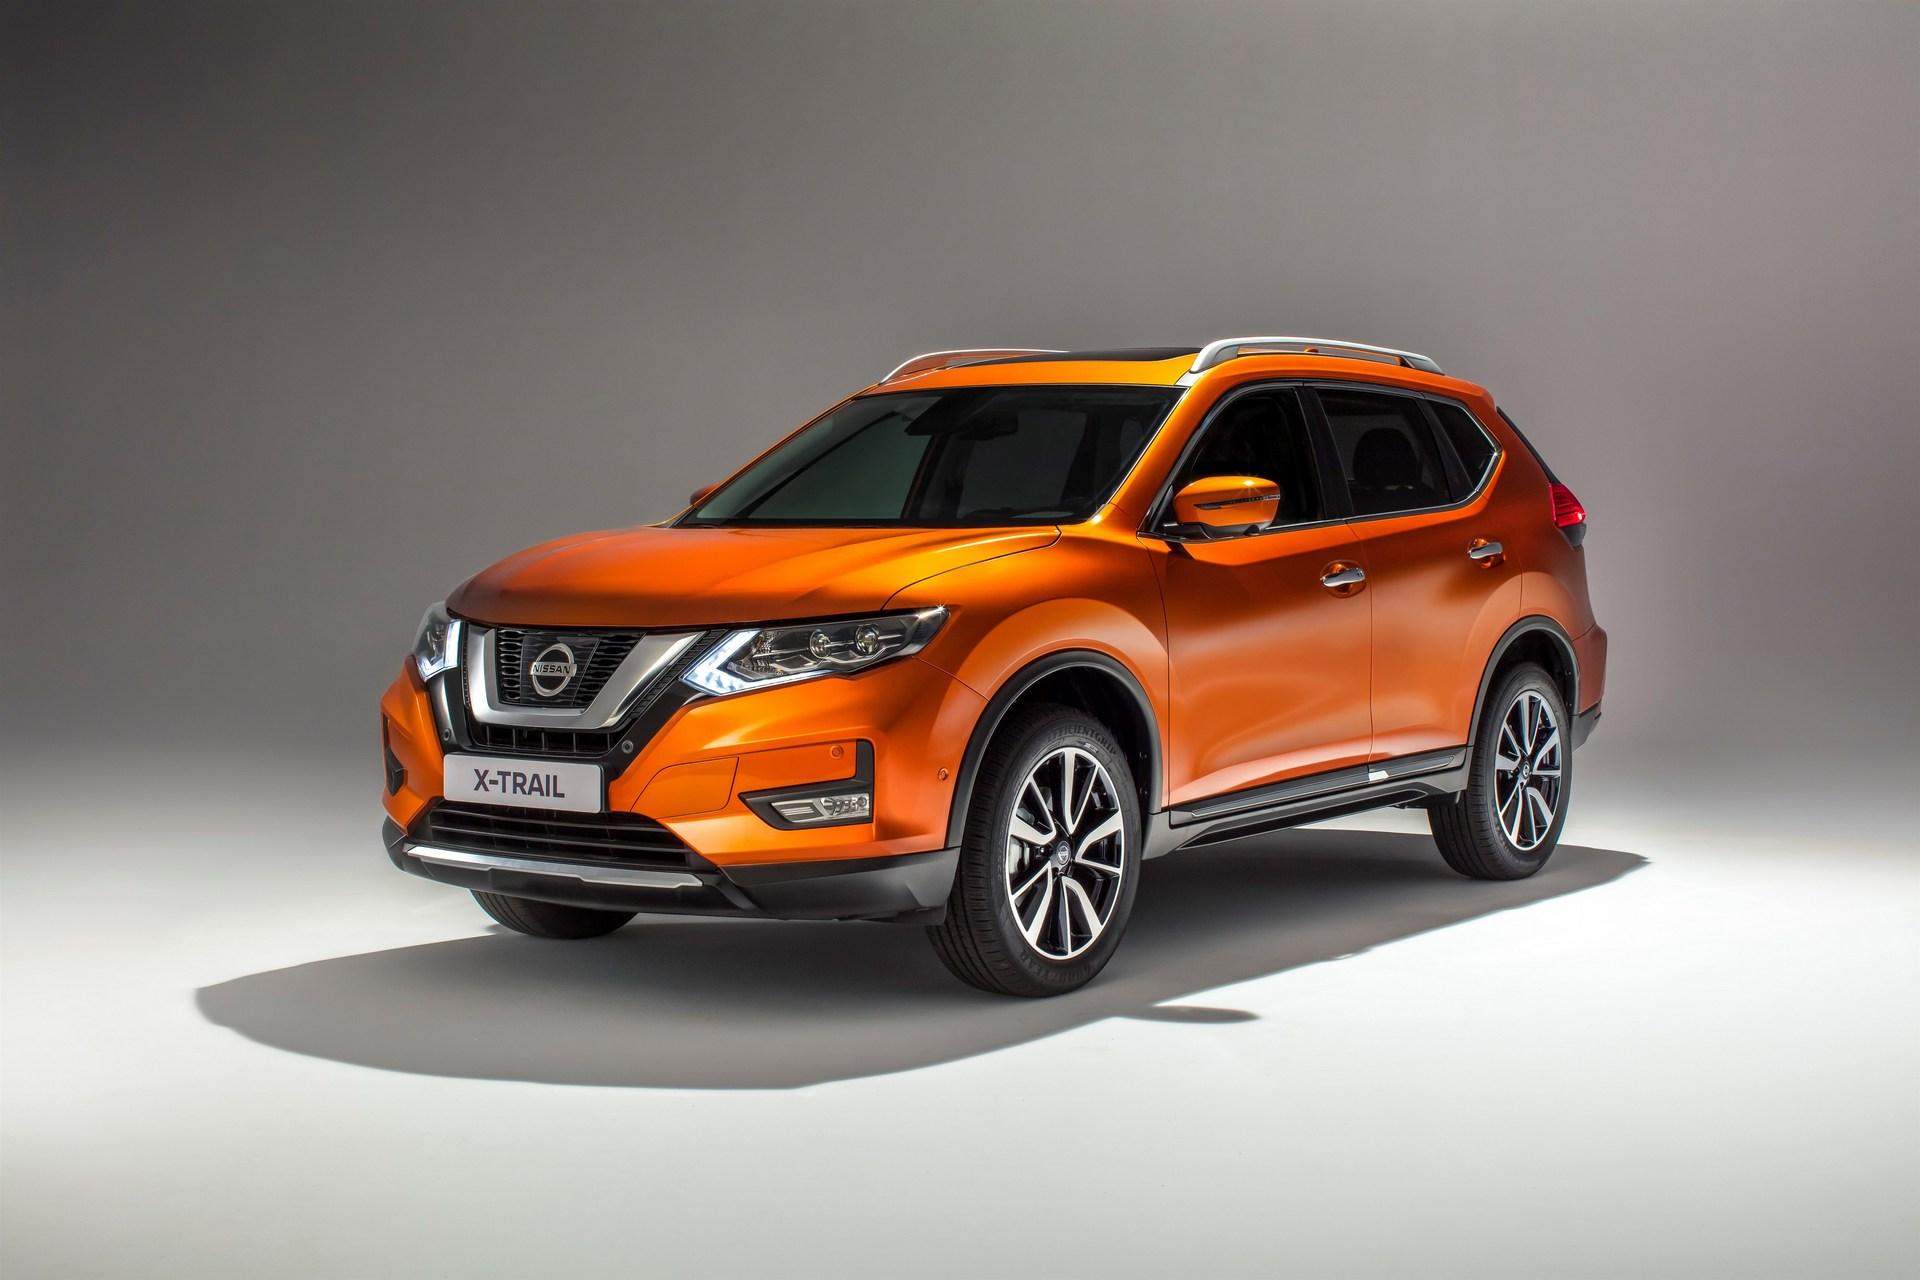 Nissan презентовал обновлённый X-Trail для европейского рынка